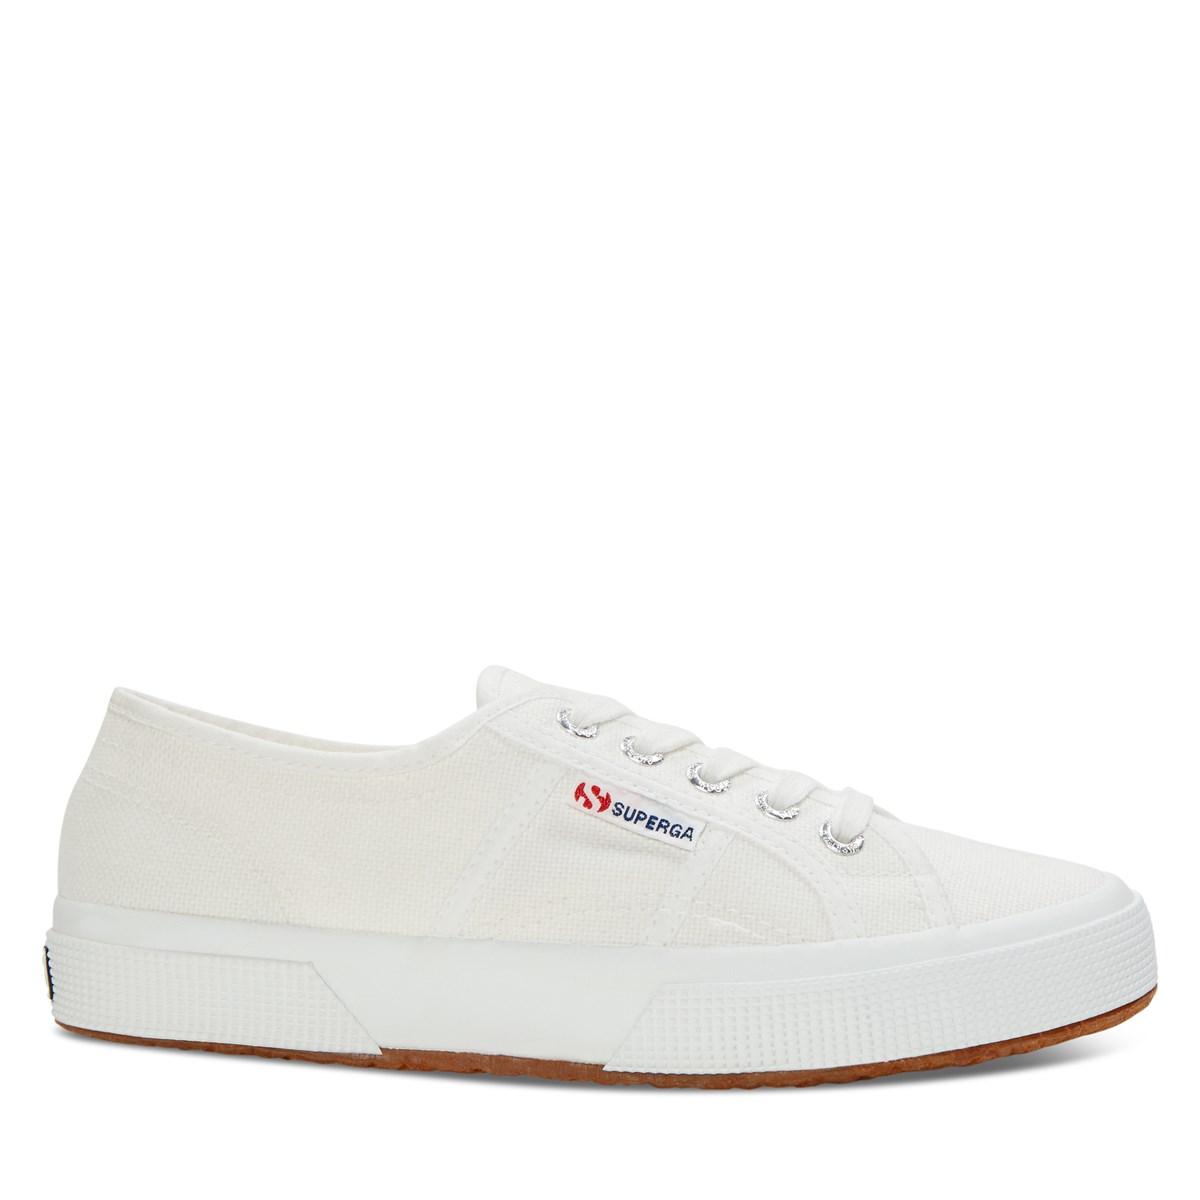 COTU Classic Sneaker in White